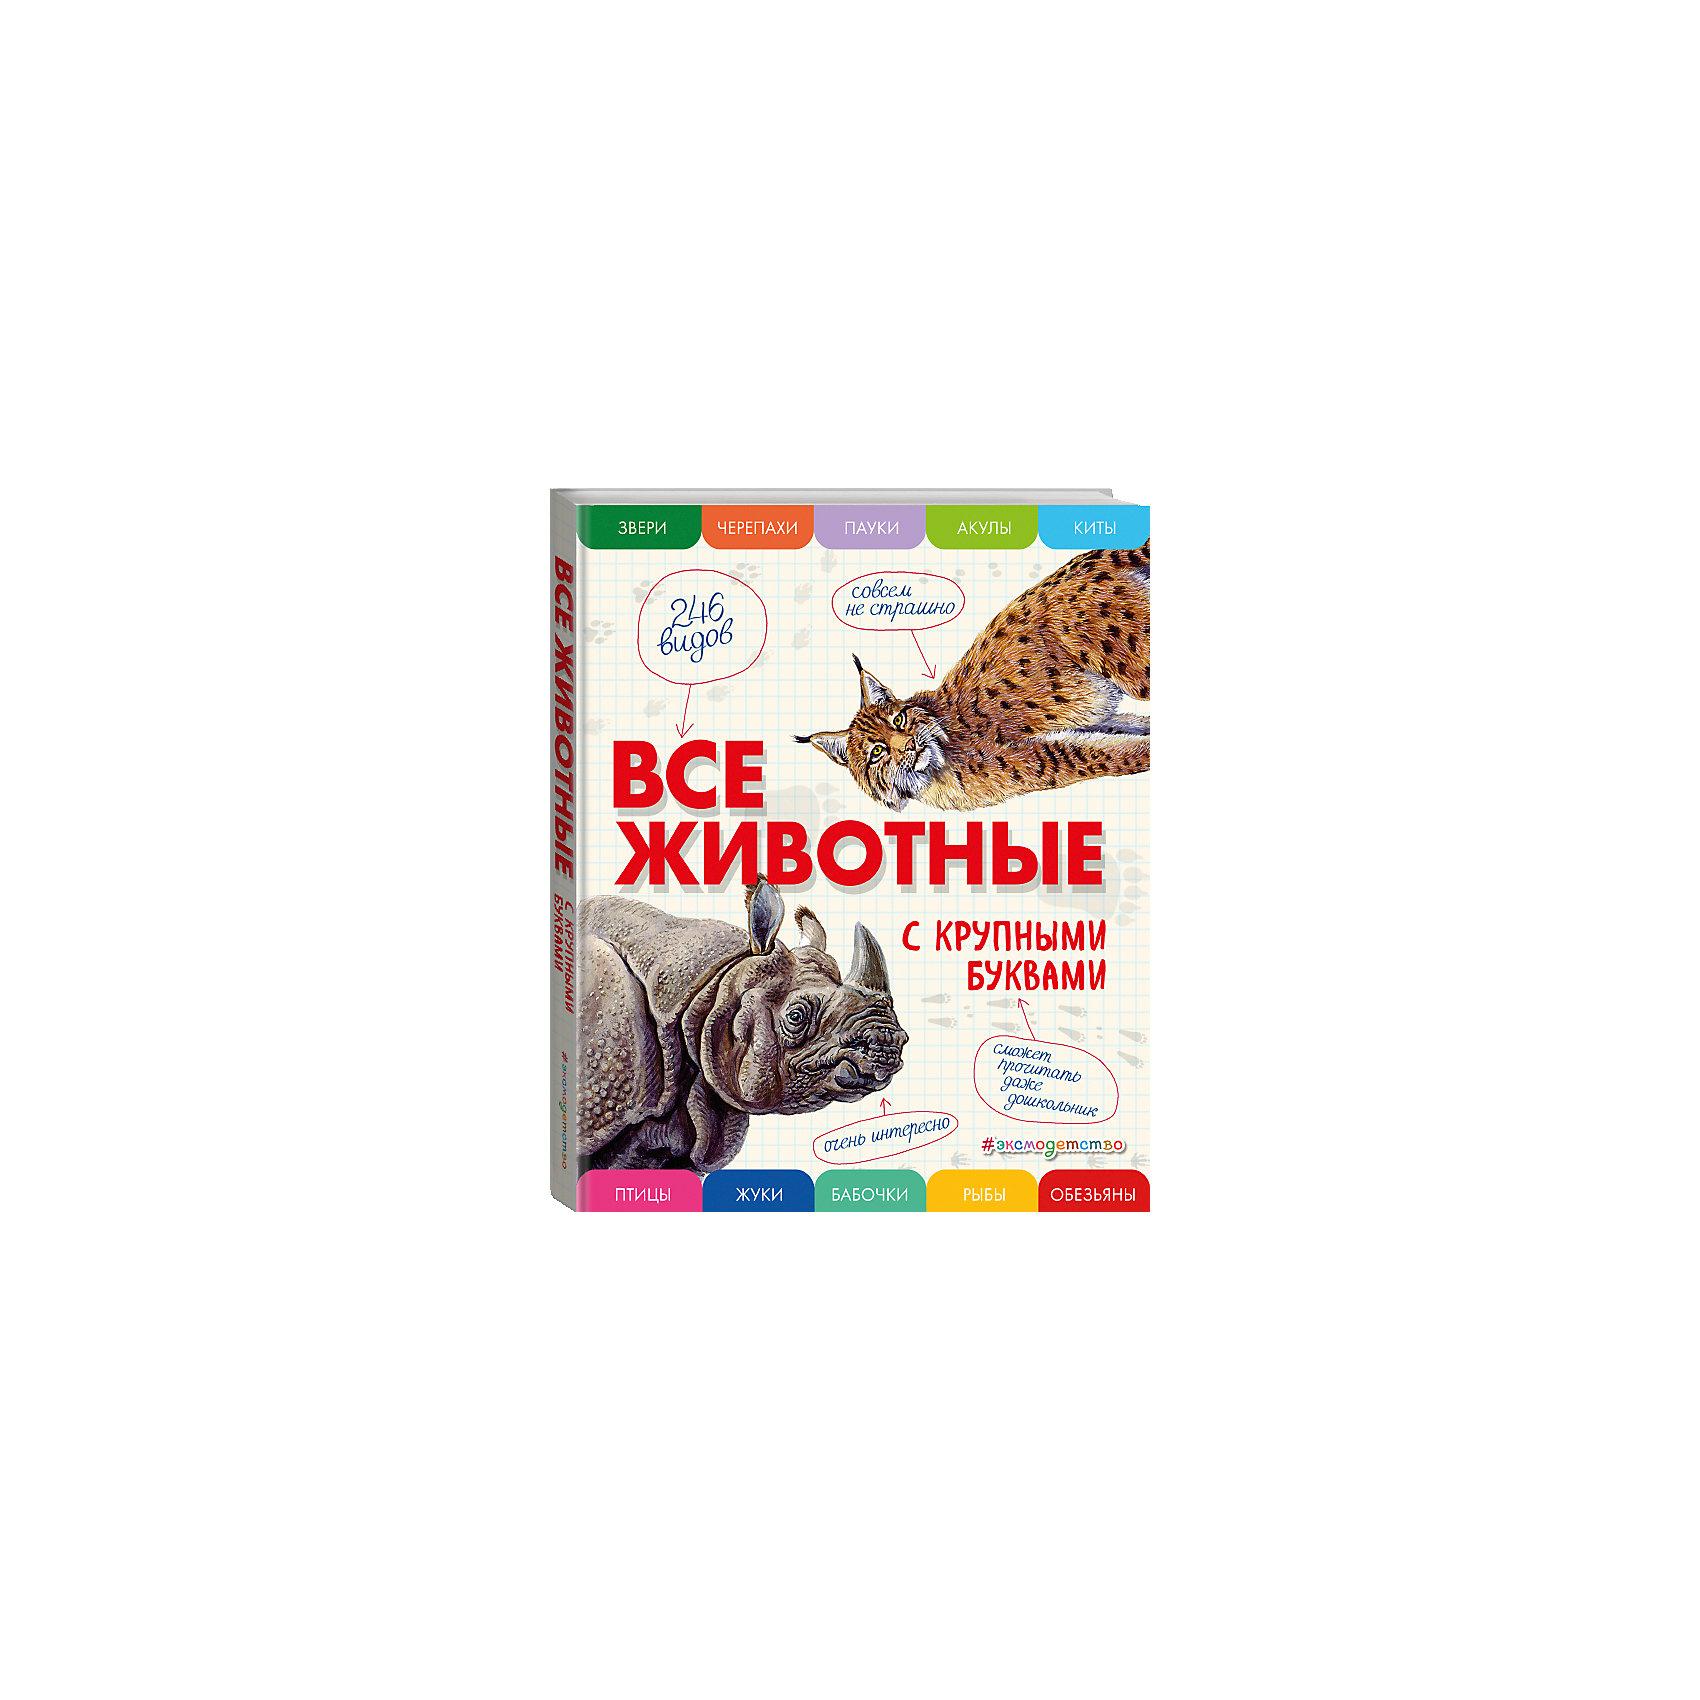 Все животные с крупными буквамиЭнциклопедии о животных<br>Это настоящая энциклопедия для детей: все только самое важное, легко запоминающееся — и с крупными буквами.  В  книге с большими и подробными рисунками собраны интересные сведения о 246 животных— млекопитающих, птицах, насекомых, рыбах, рептилиях.<br><br>Ширина мм: 250<br>Глубина мм: 210<br>Высота мм: 20<br>Вес г: 978<br>Возраст от месяцев: 72<br>Возраст до месяцев: 96<br>Пол: Унисекс<br>Возраст: Детский<br>SKU: 6878016